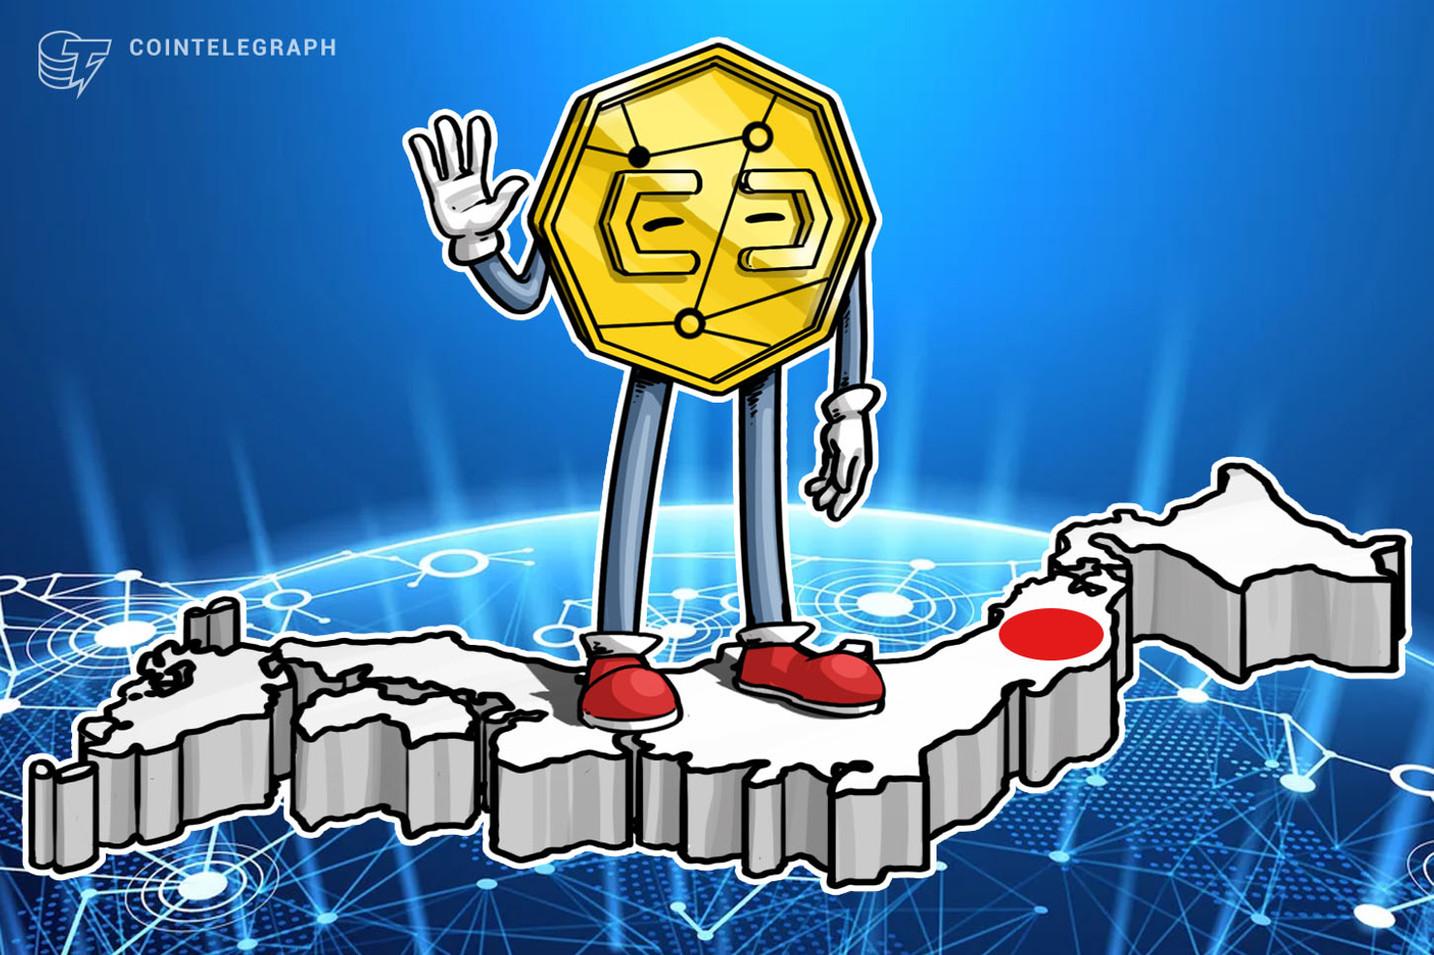 日銀幹部「私たちは、仮想通貨の背後にある技術に恋をしている」 中国の厳格な規制と対比